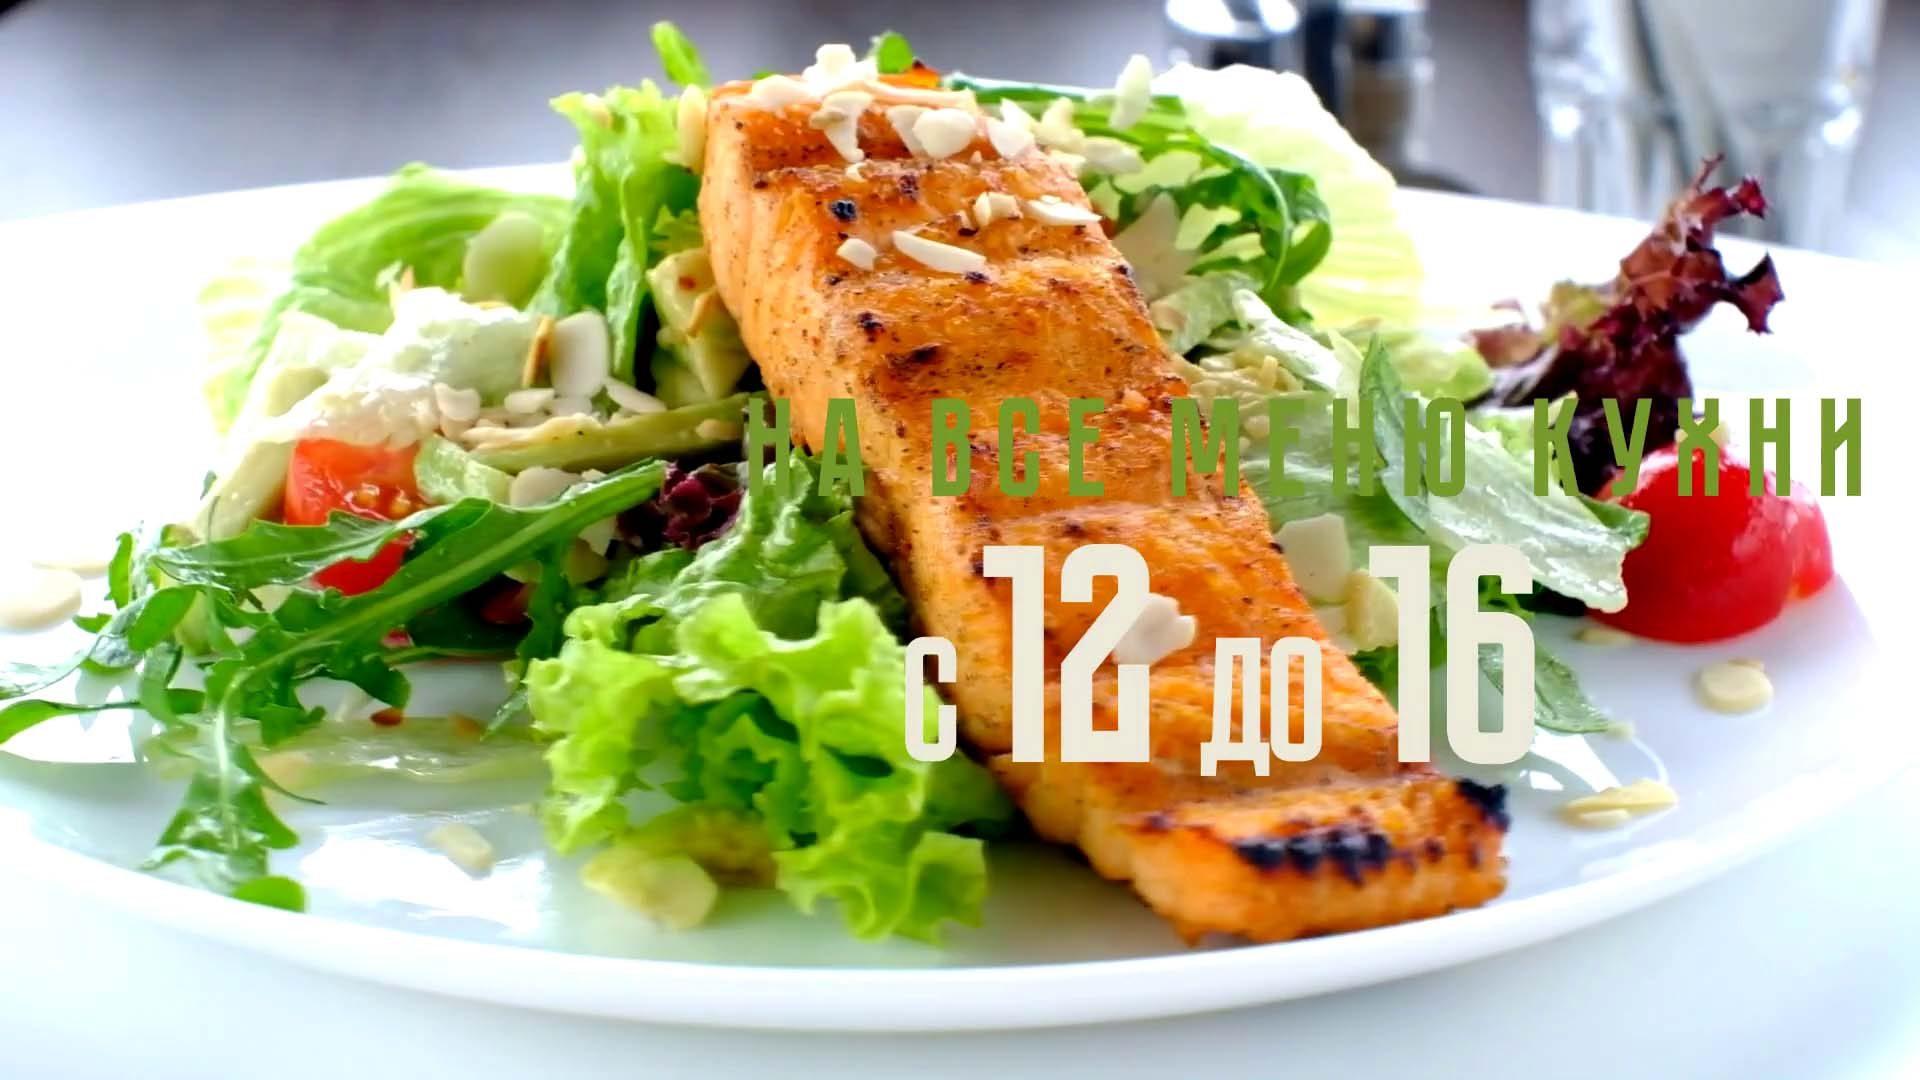 Фото для ресторана — обед